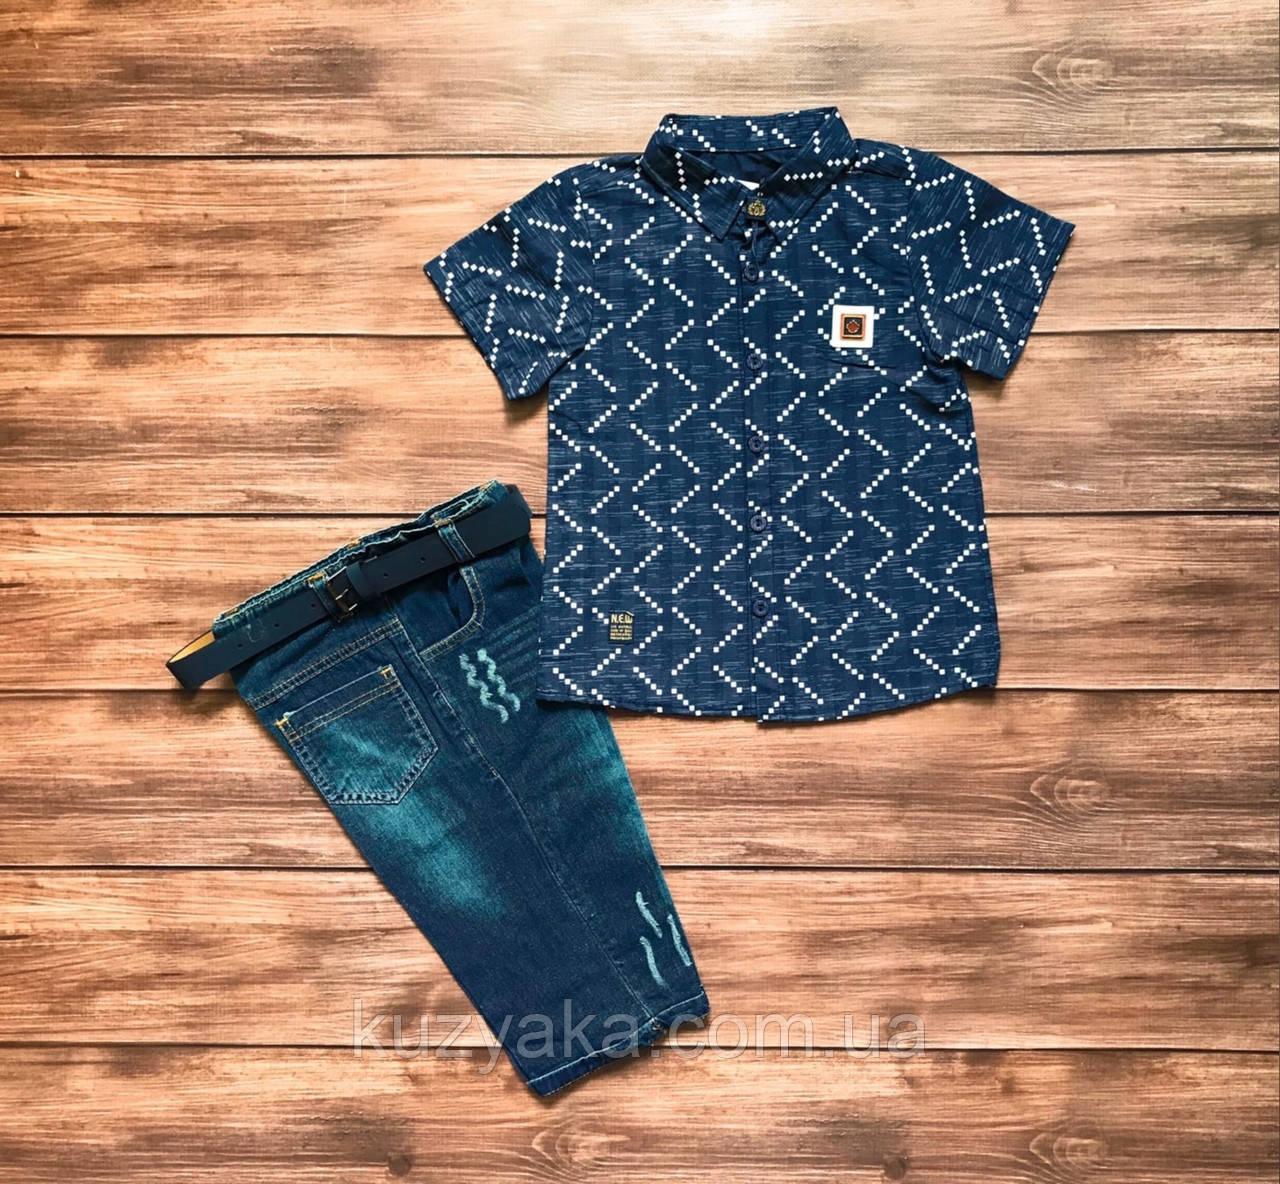 Летний костюм: рубашка, джинсовые шорты для мальчика на 5, 8 лет